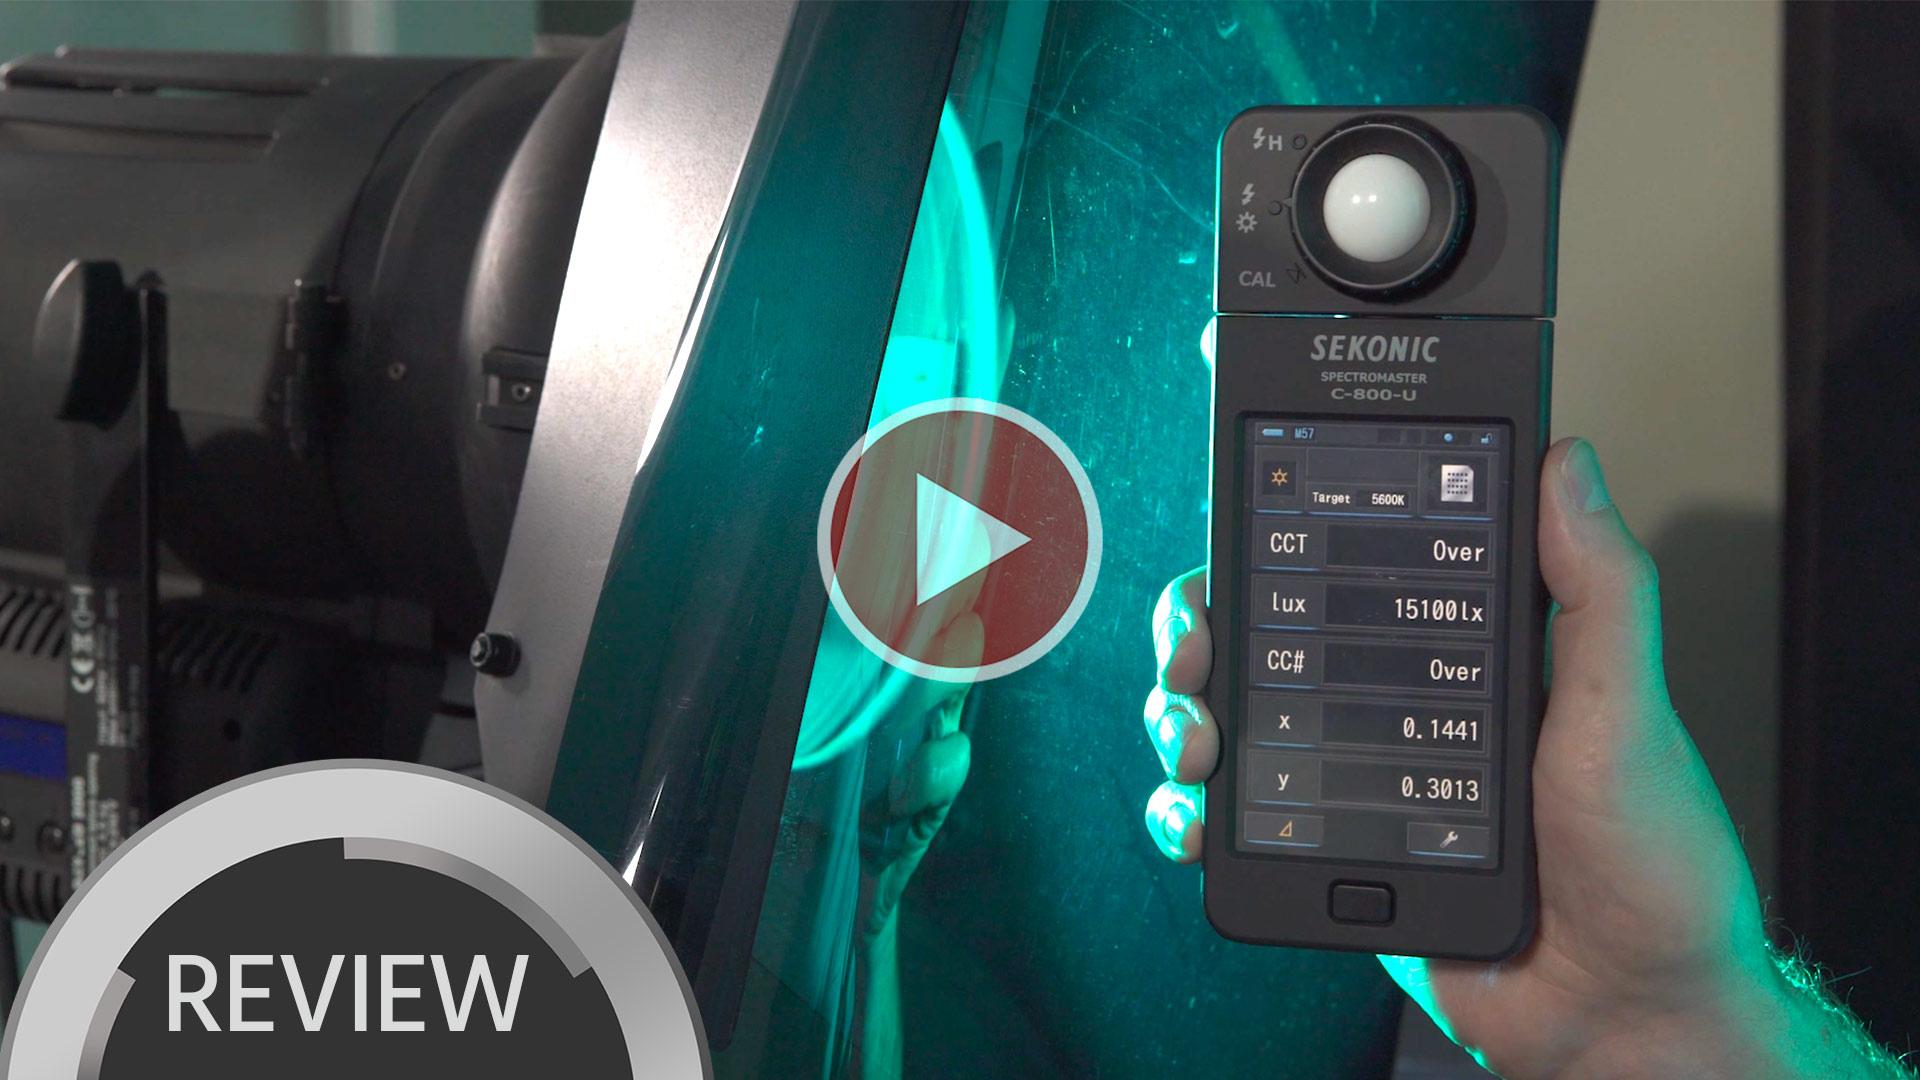 Cómo igualar el color de tus luces y más – Reseña del Sekonic C-800 Spectromaster